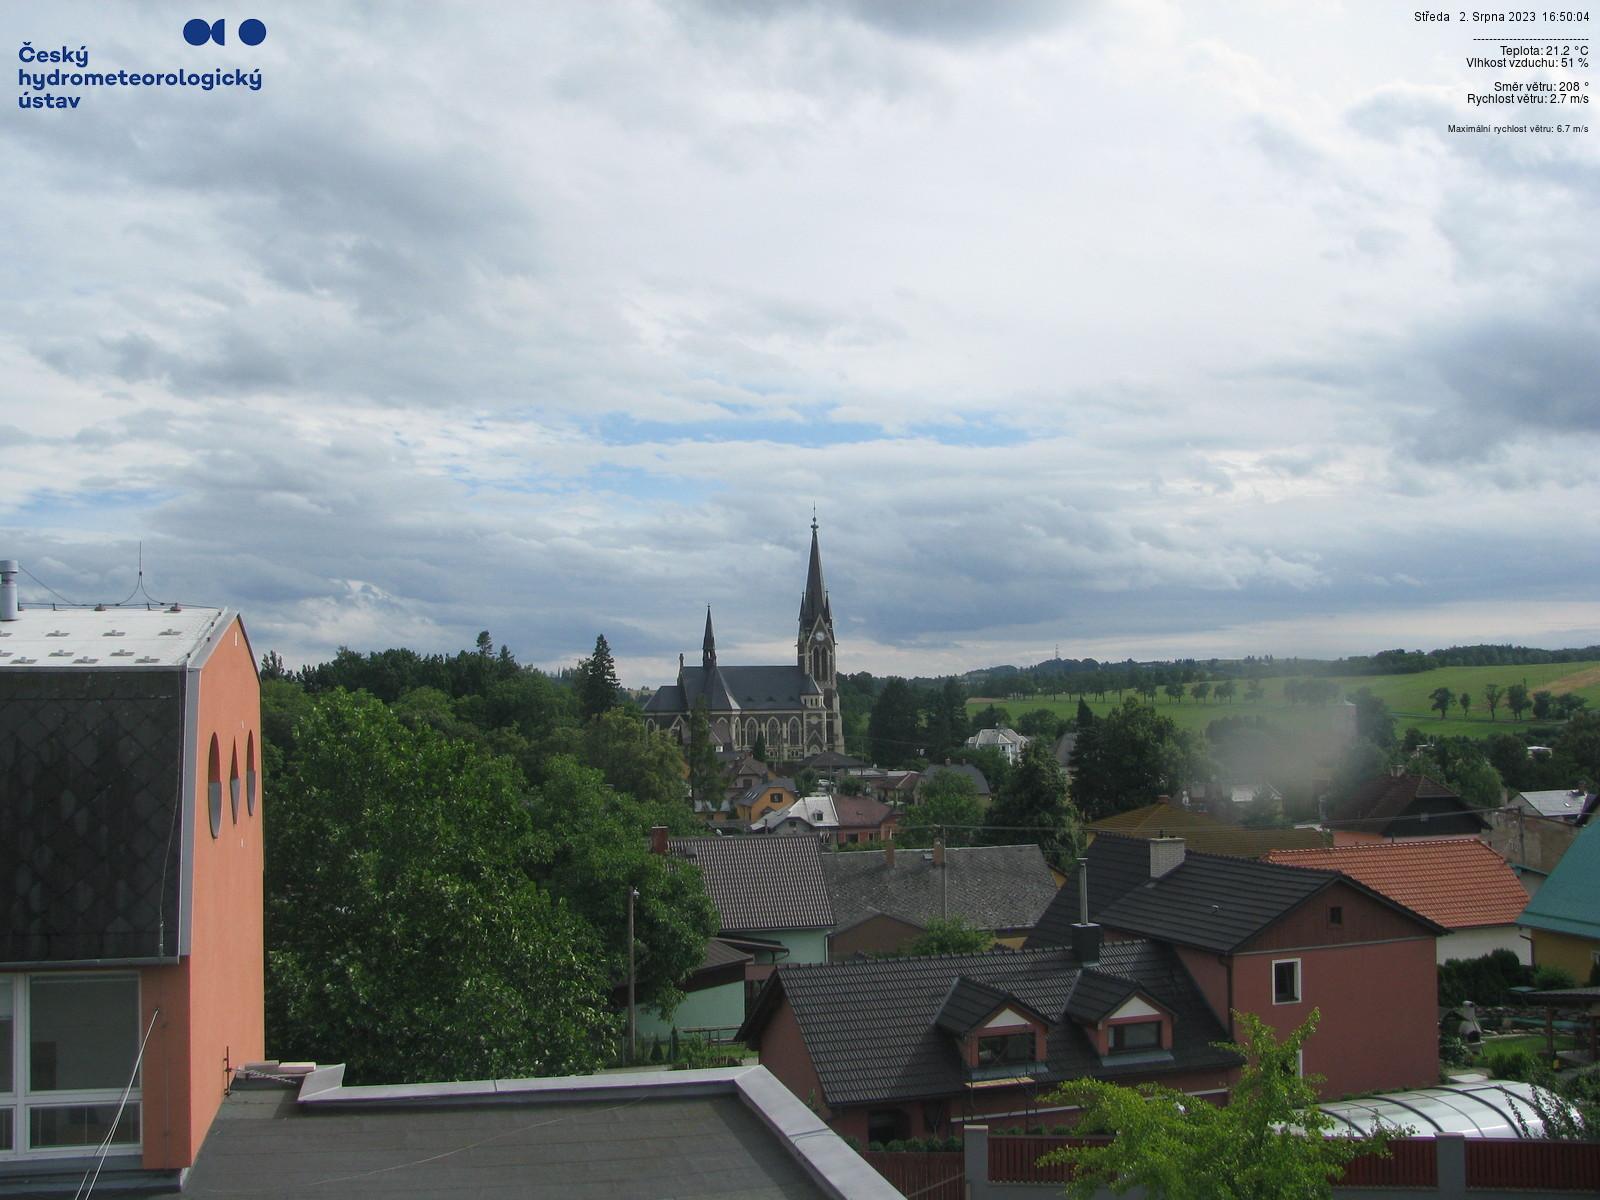 Webcam - Vítkov